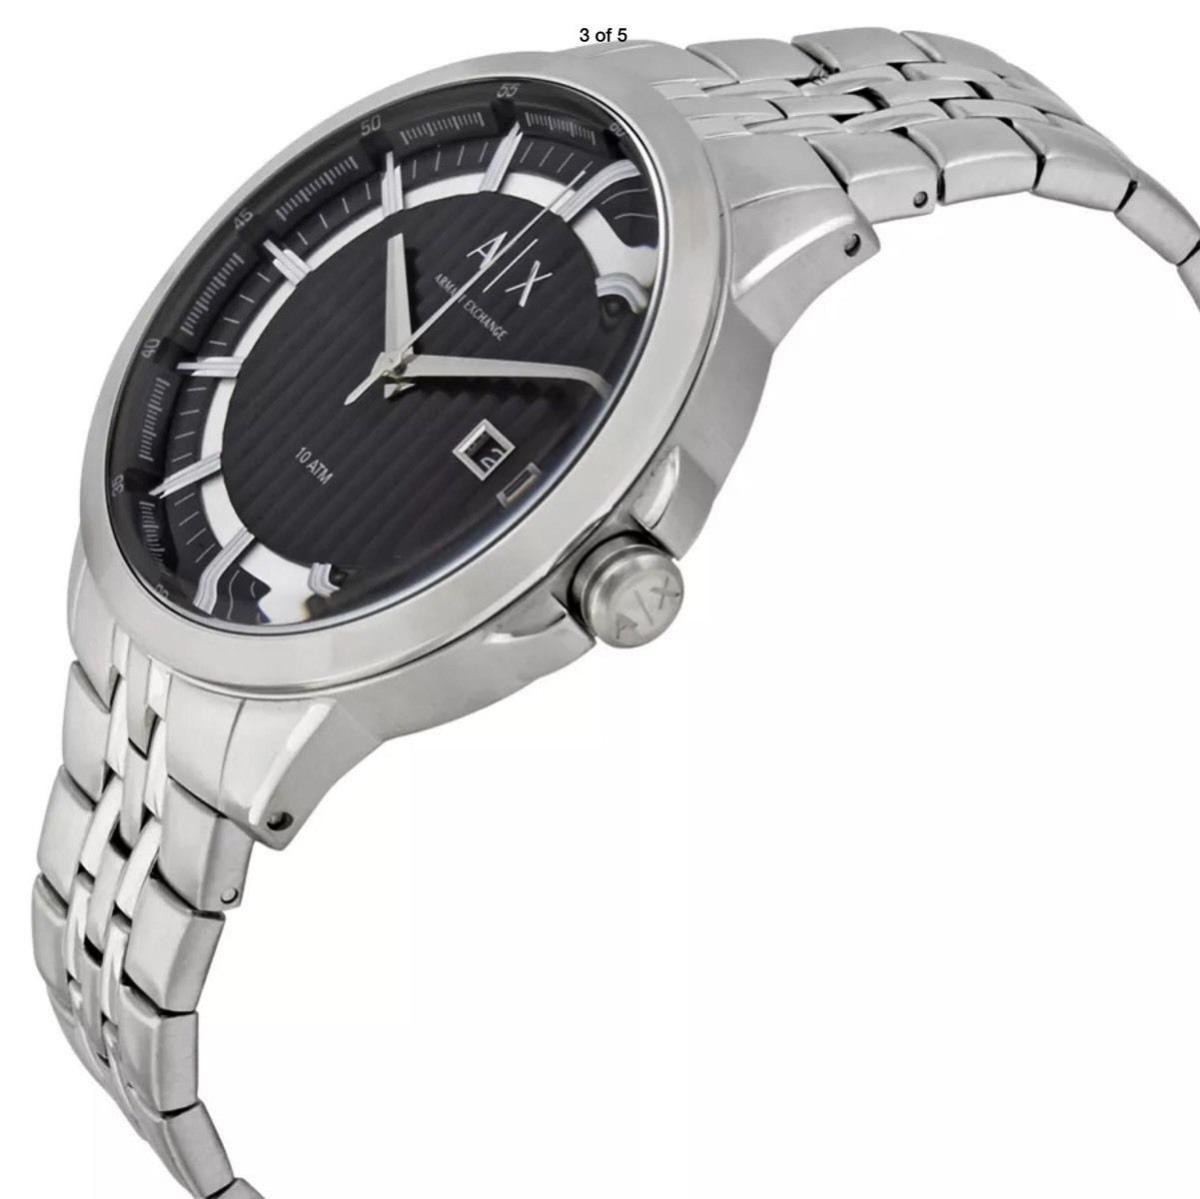 6e8cbe33e8ad Reloj Armani